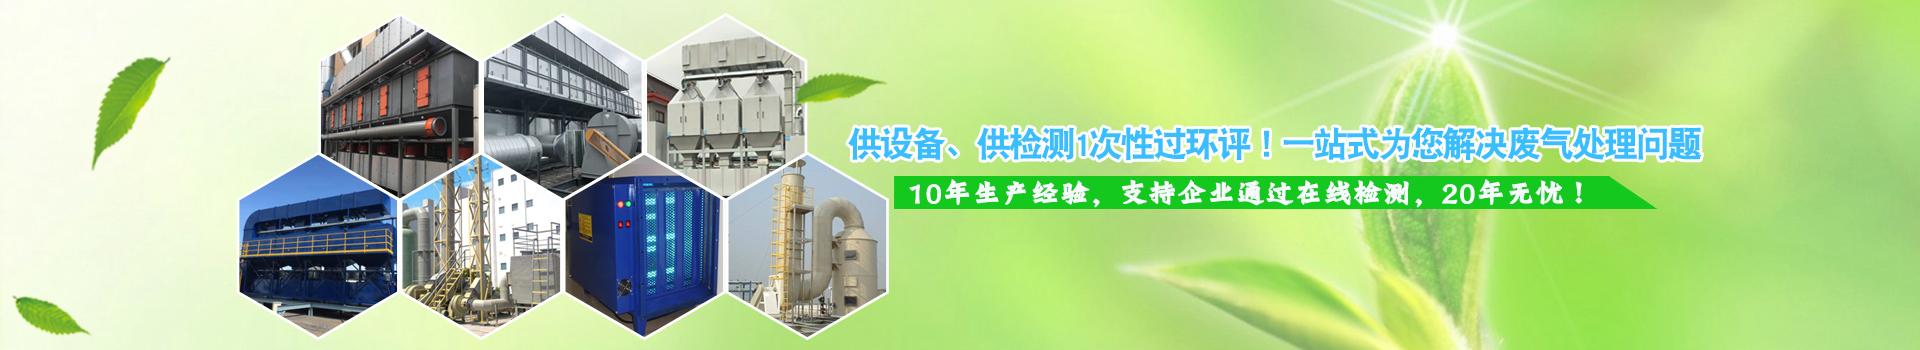 一站式为您解决废气处理问题 ,安全可靠,应用于重点环保工程